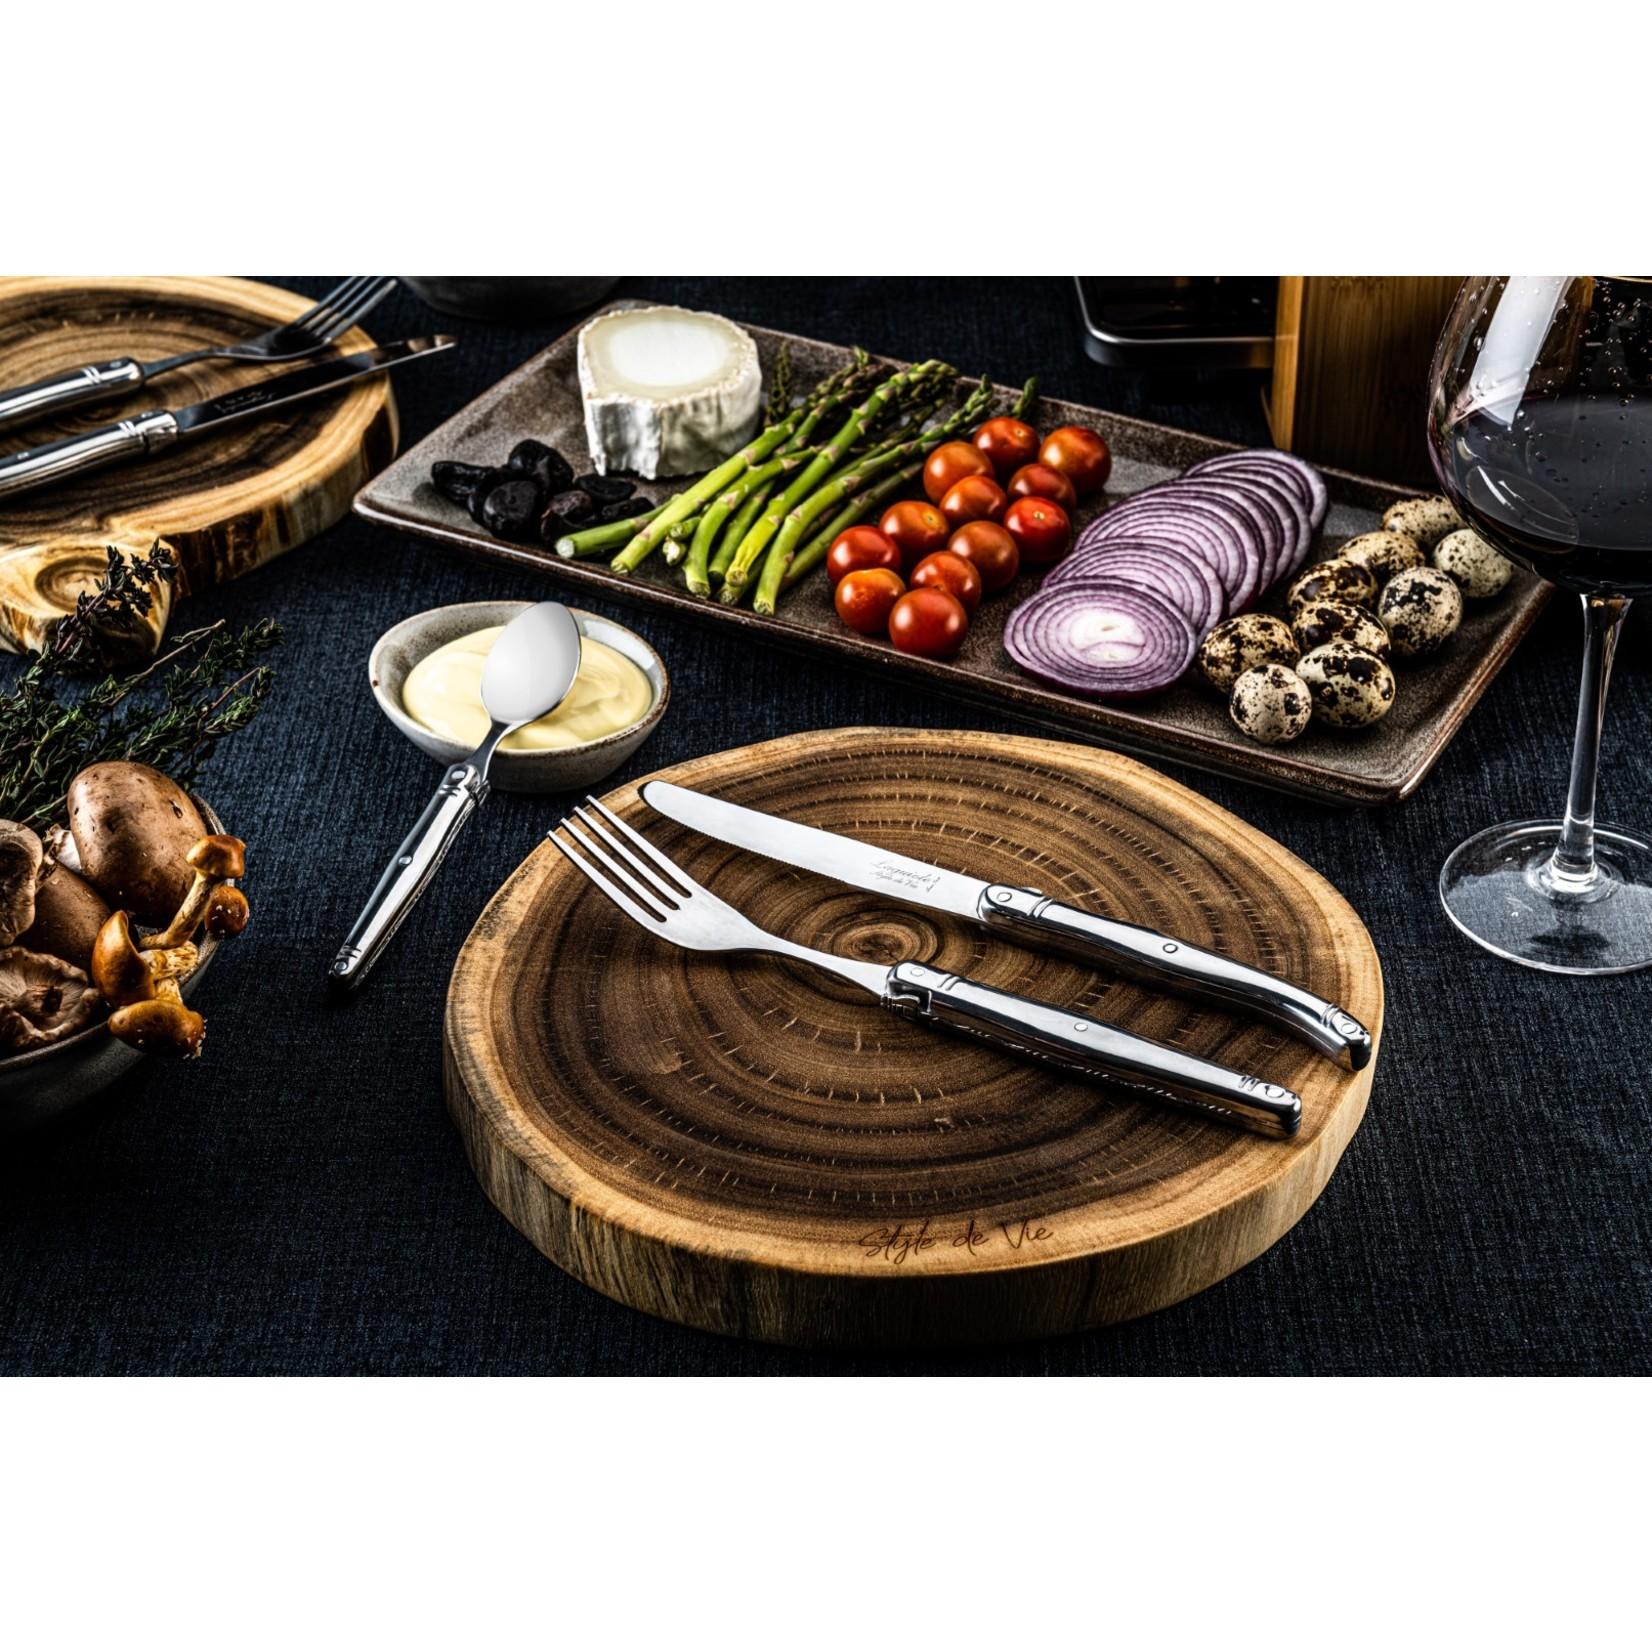 Laguiole Style de Vie Laguiole Style de Vie Premium Line bestekset 24-delig, rvs